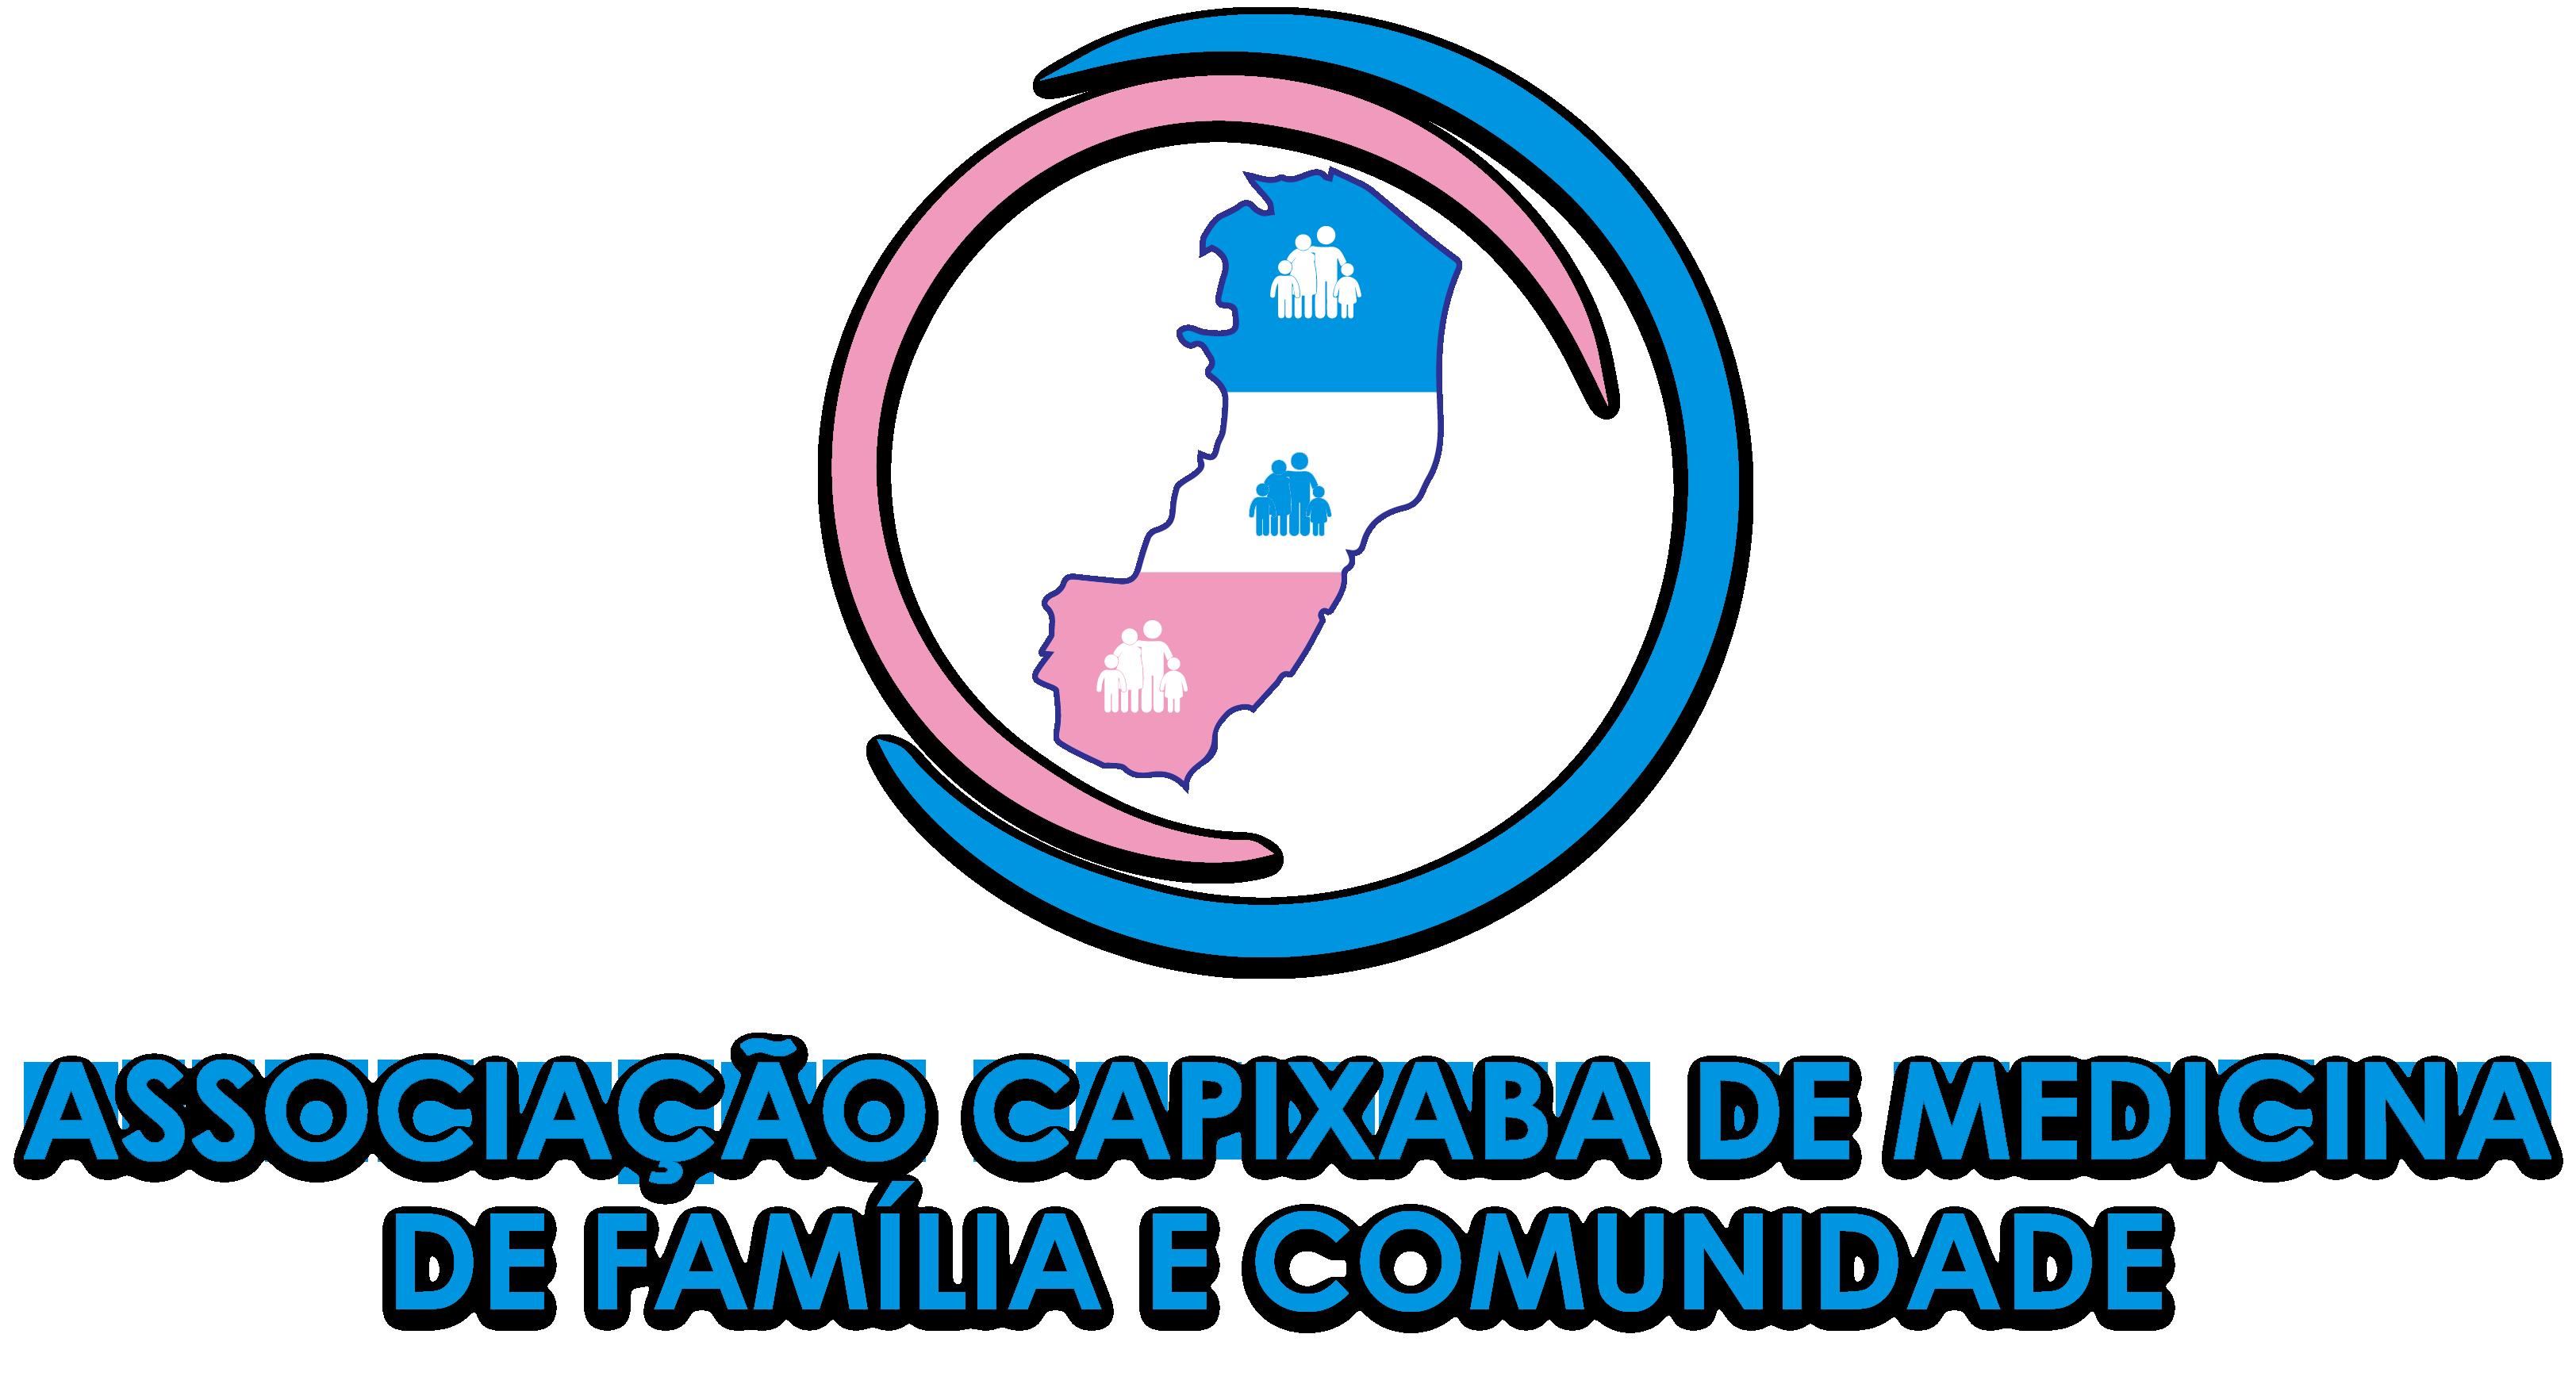 Logomarca da Associação Capixaba de Medicina de Família e Comunidade